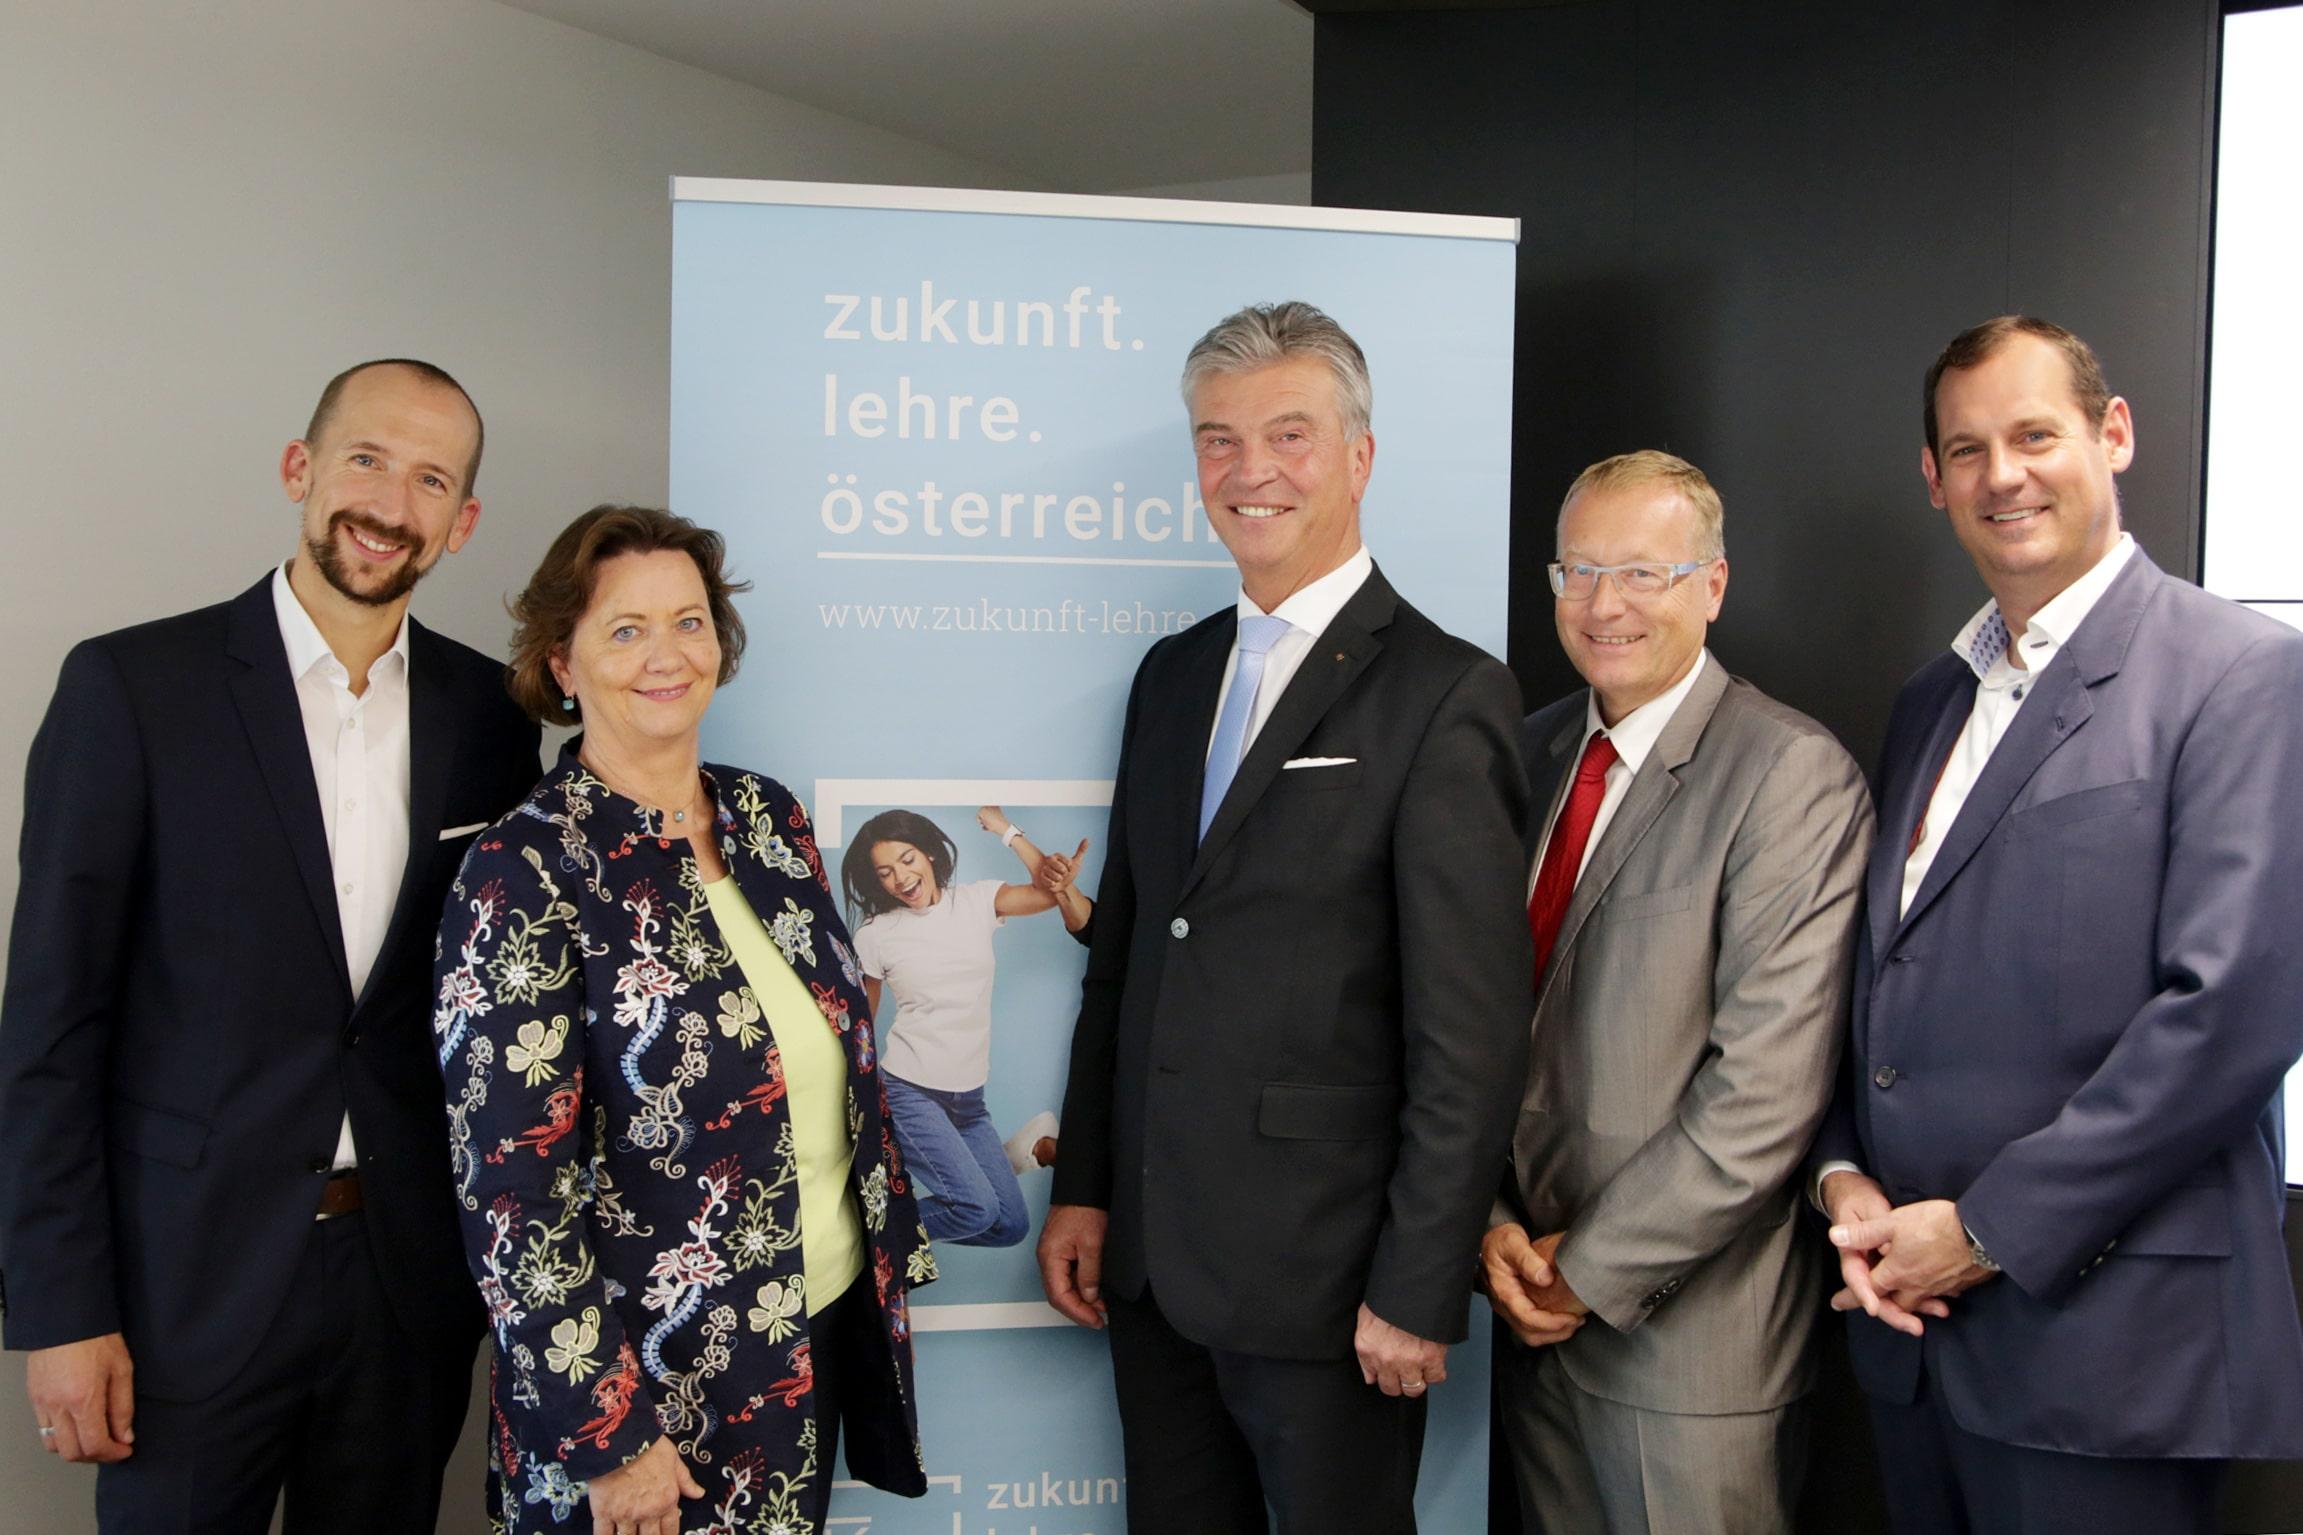 Pressekonferenz zukunft.lehre.österreich. - Eindämmung des drohenden Fachkräftemangels in Österreich